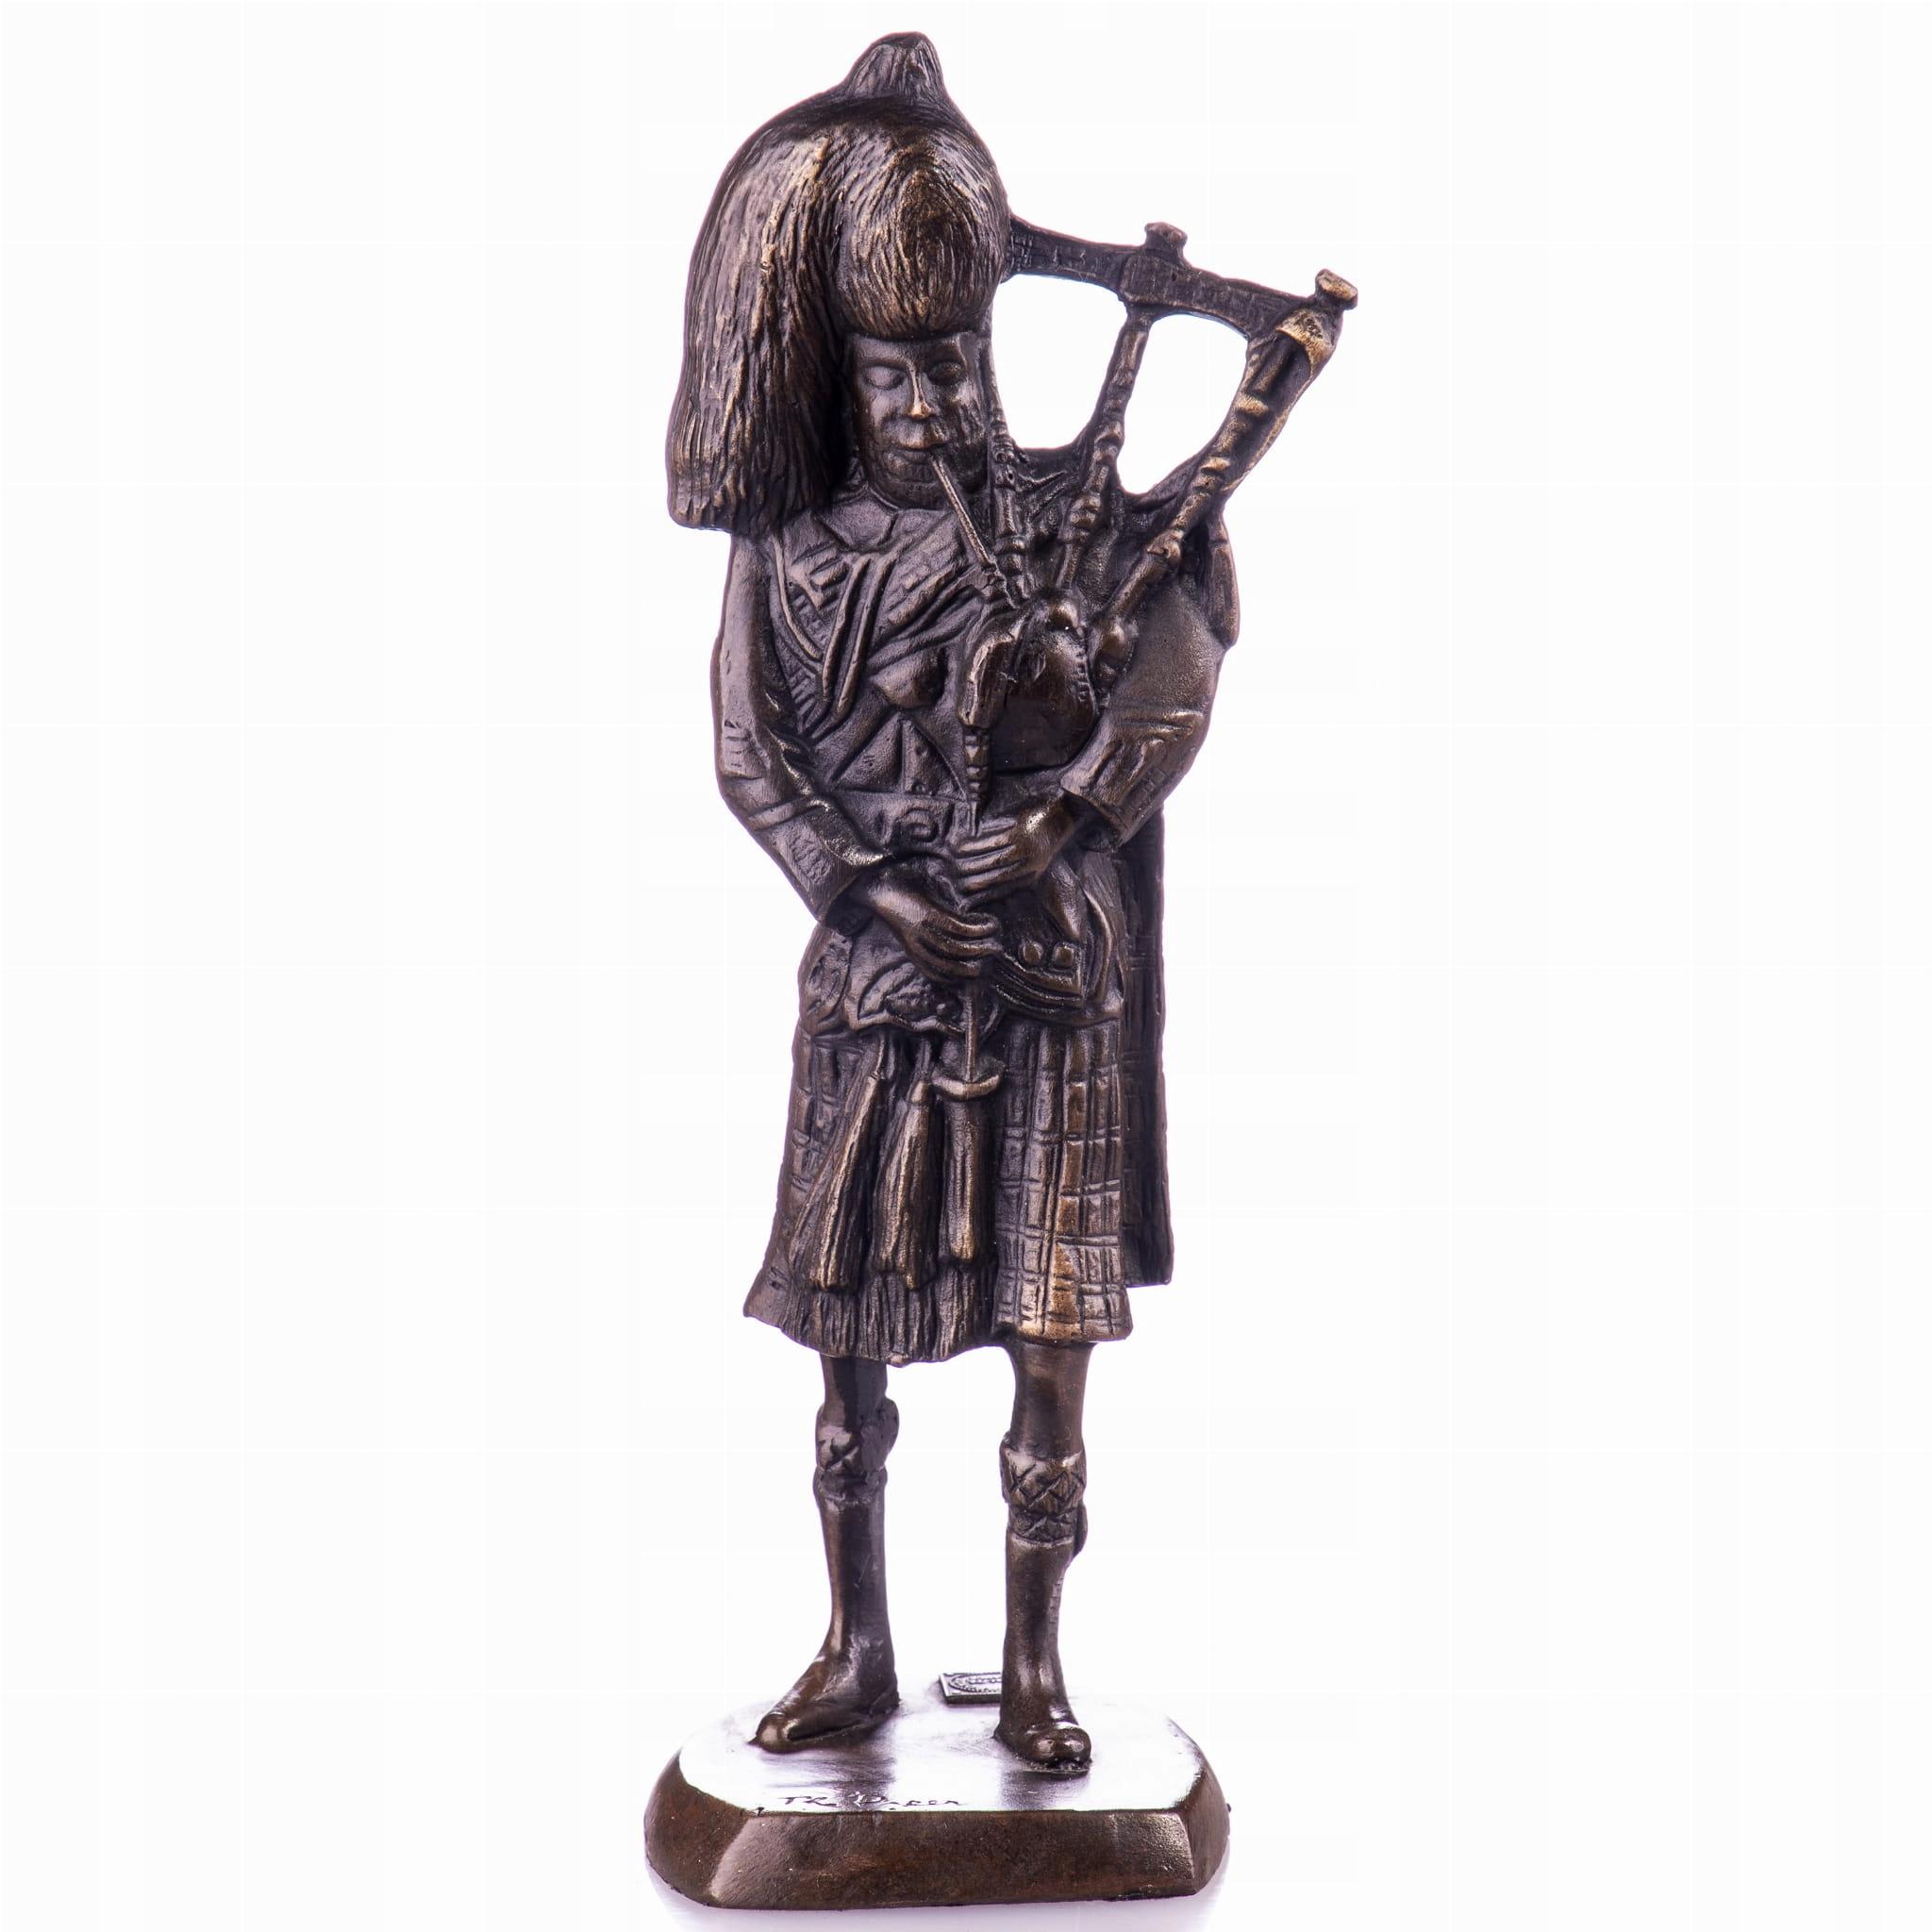 Socha v bronzovom Škótovi Kiltovi s gajdami v retro štýle